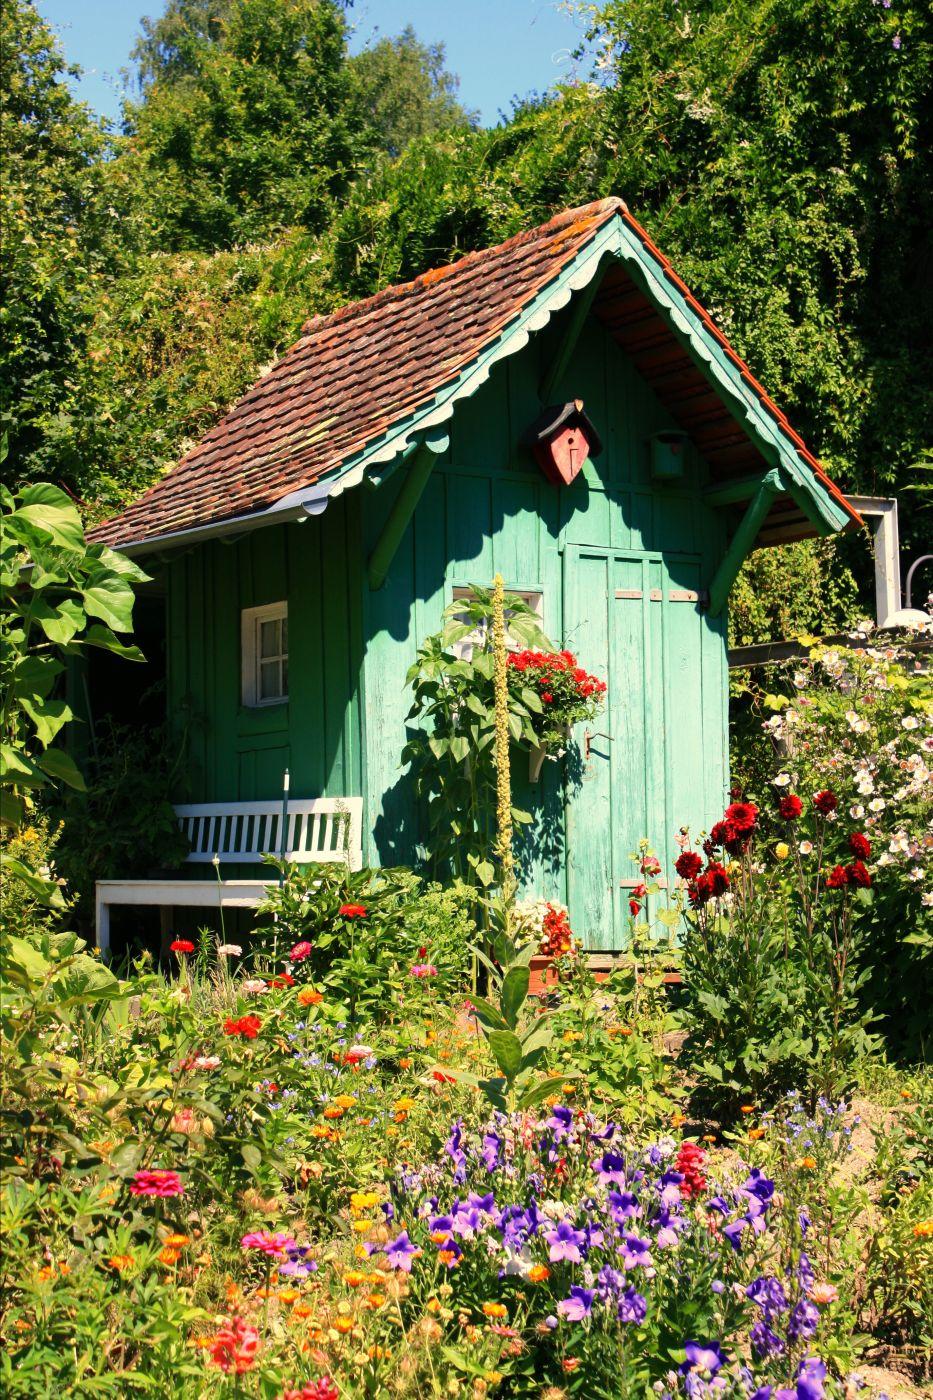 Garten in Mersburg, Germany